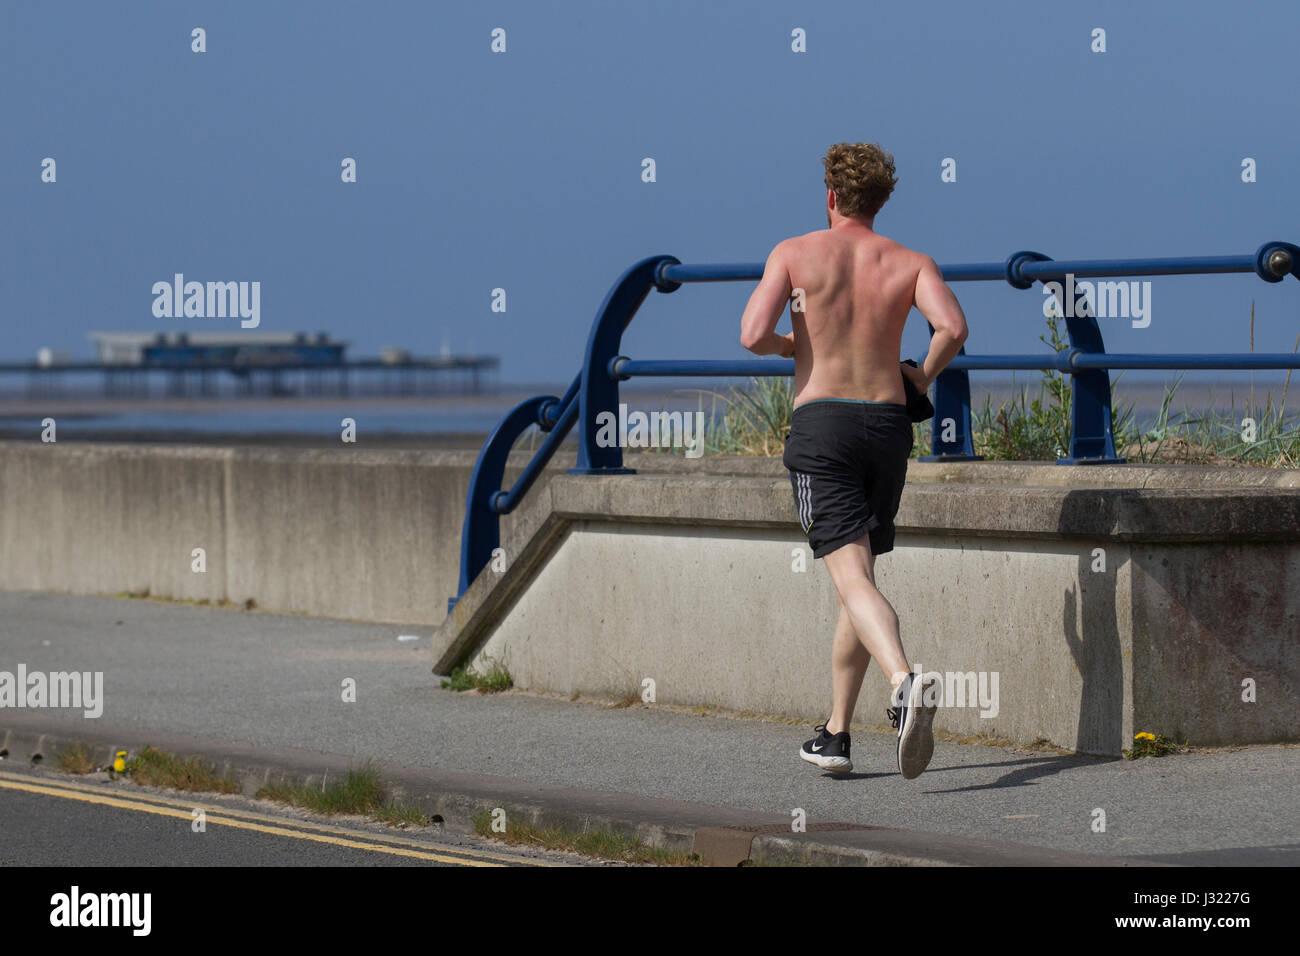 Vista trasera del hombre corriendo en Southport, Merseyside, Reino Unido. El clima del Reino Unido. El 2 de mayo, Imagen De Stock